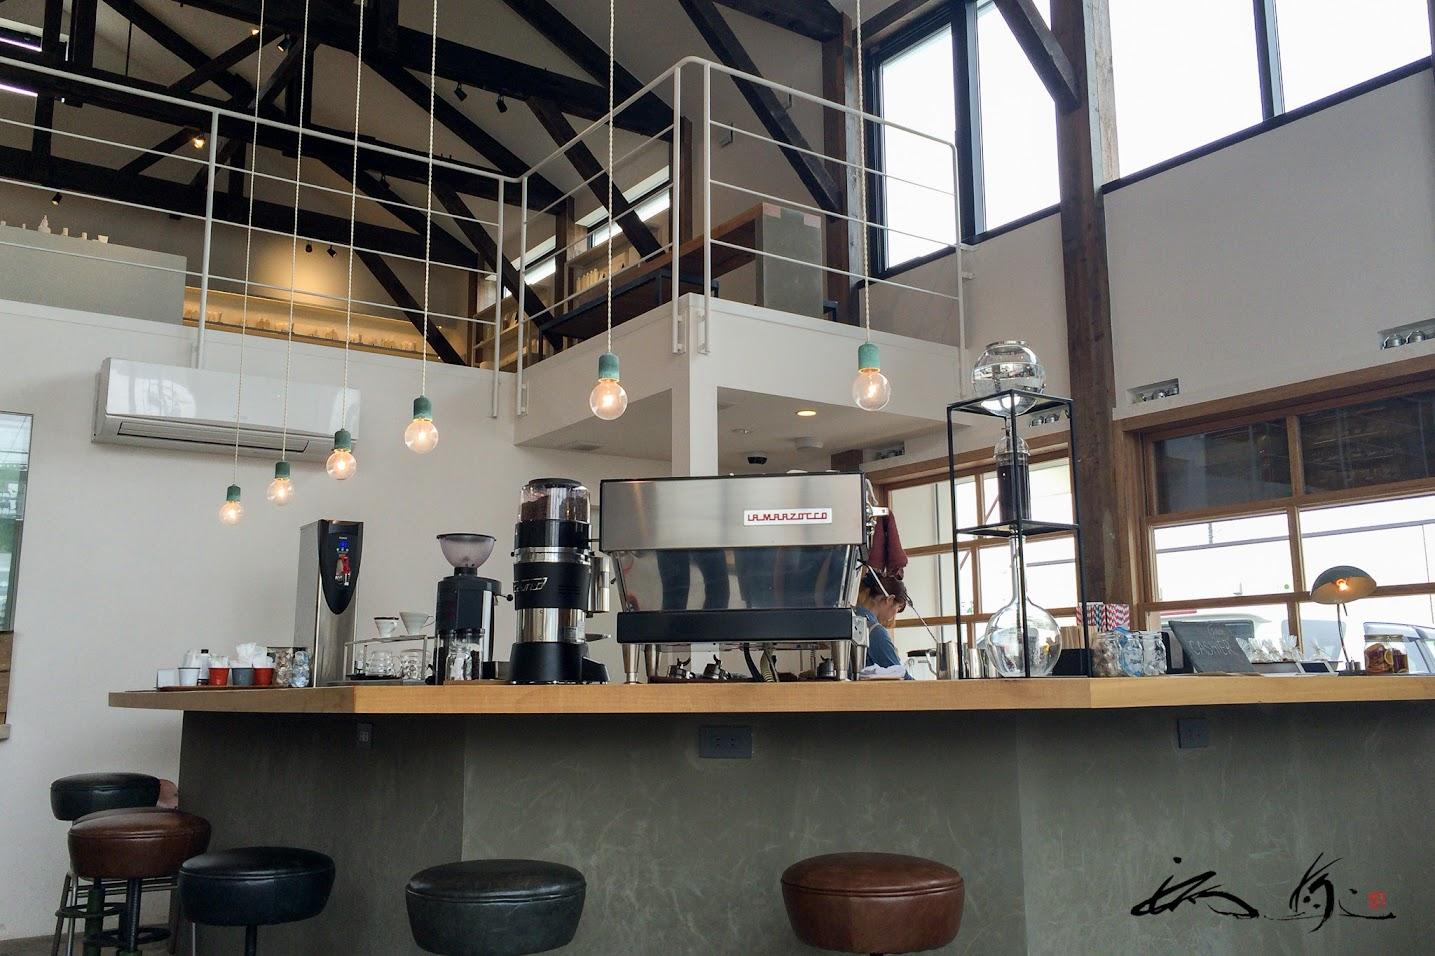 LA MARZOCCO(ラ・マルゾッコ)のエスプレッソマシンが並ぶカウンター・テーブル